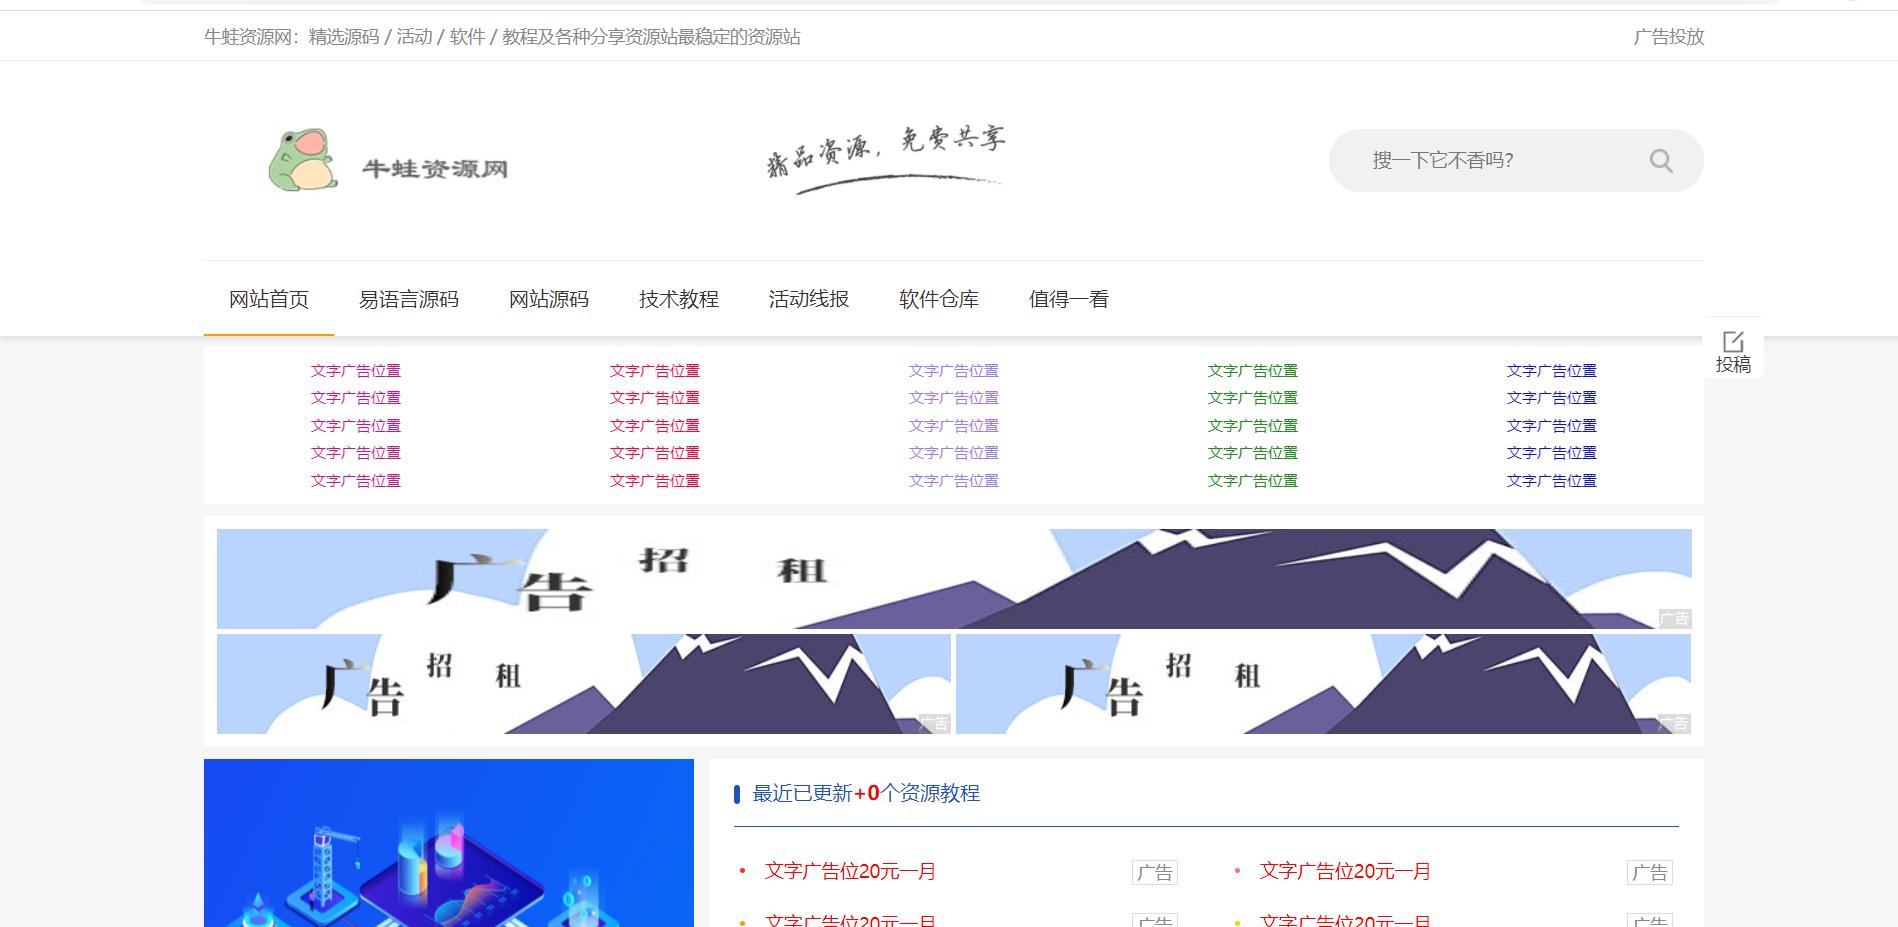 新版仿小刀资源网模板—木鱼cms